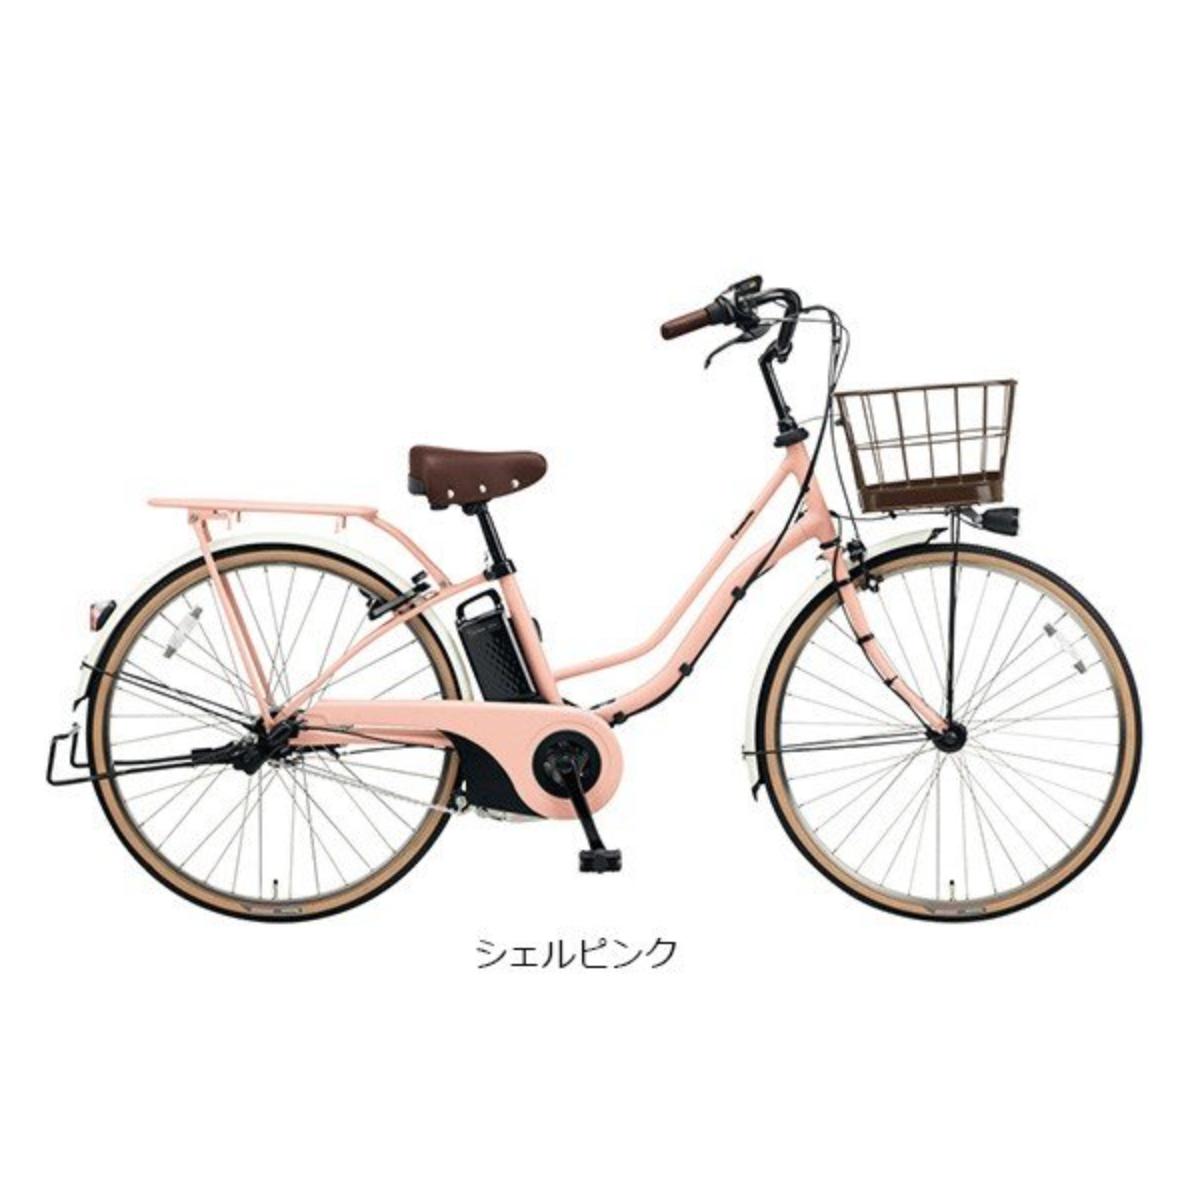 パナソニック 電動自転車 ティモ